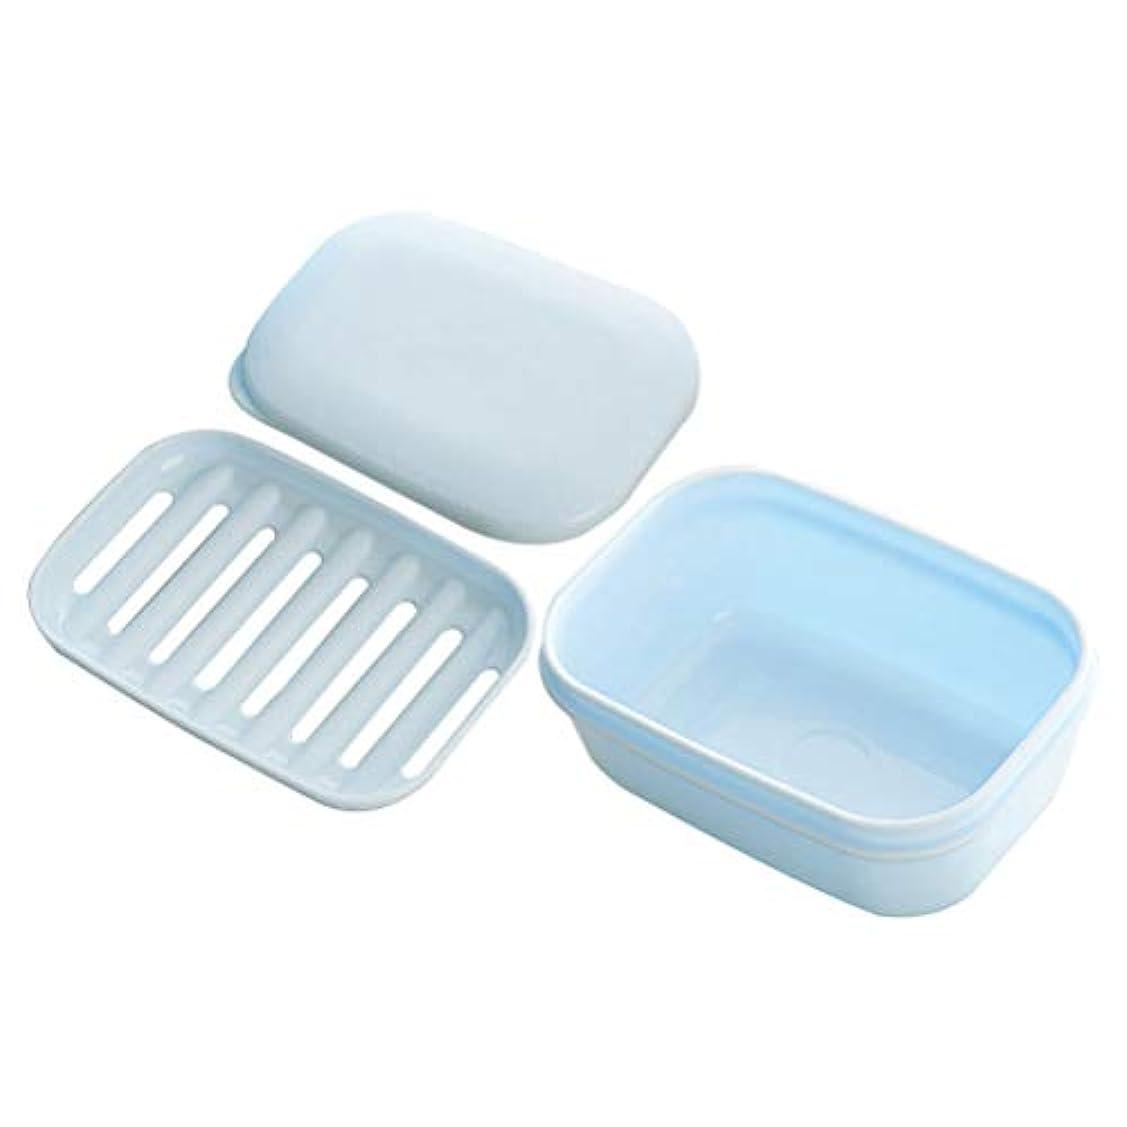 抑圧先祖トランクHealifty バスルームとキッチンのための排水石けんケースの容器と2pcsDouble層の石鹸ボックスの石鹸の皿